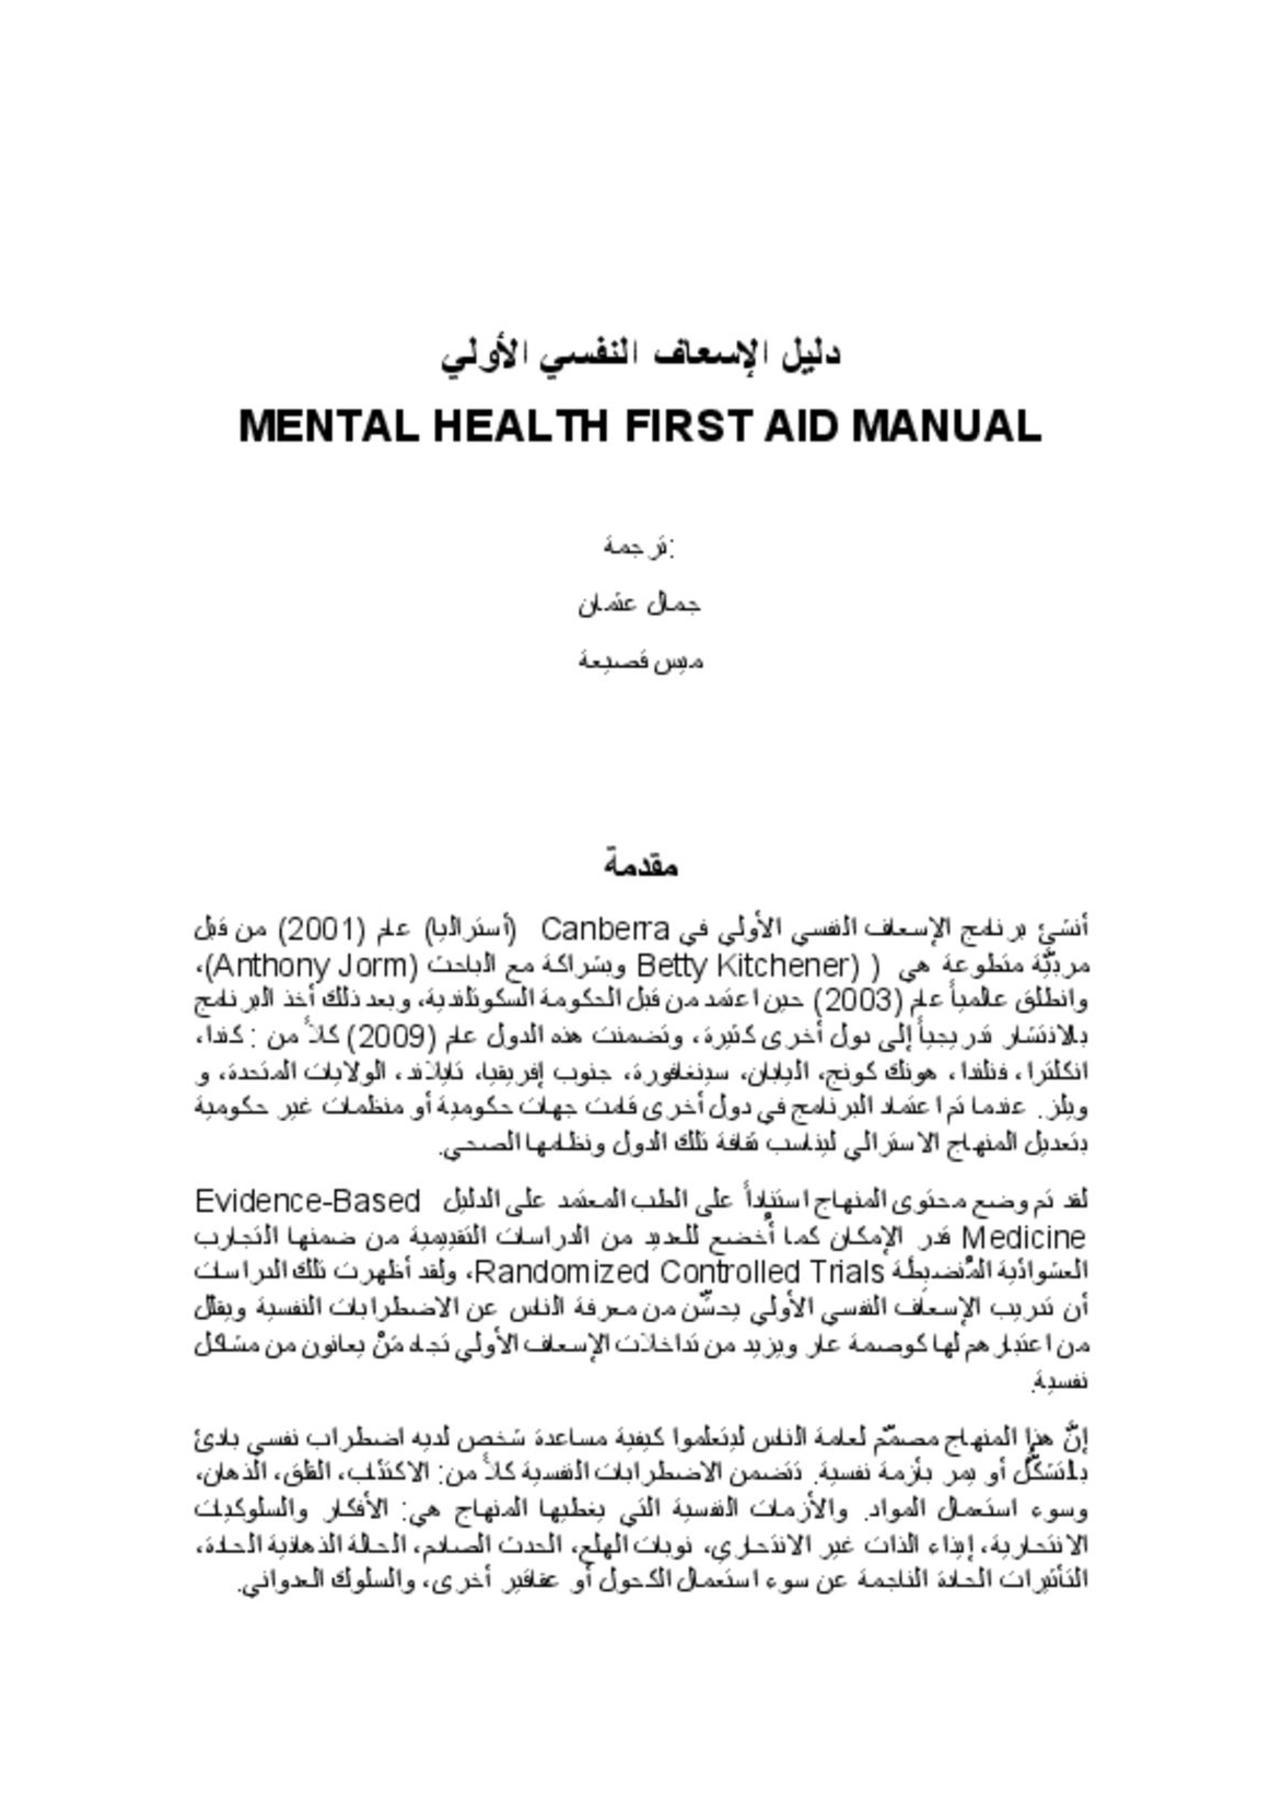 دليل الإسعاف النفسي الأولي MENTAL HEALTH FIRST AID MANUAL